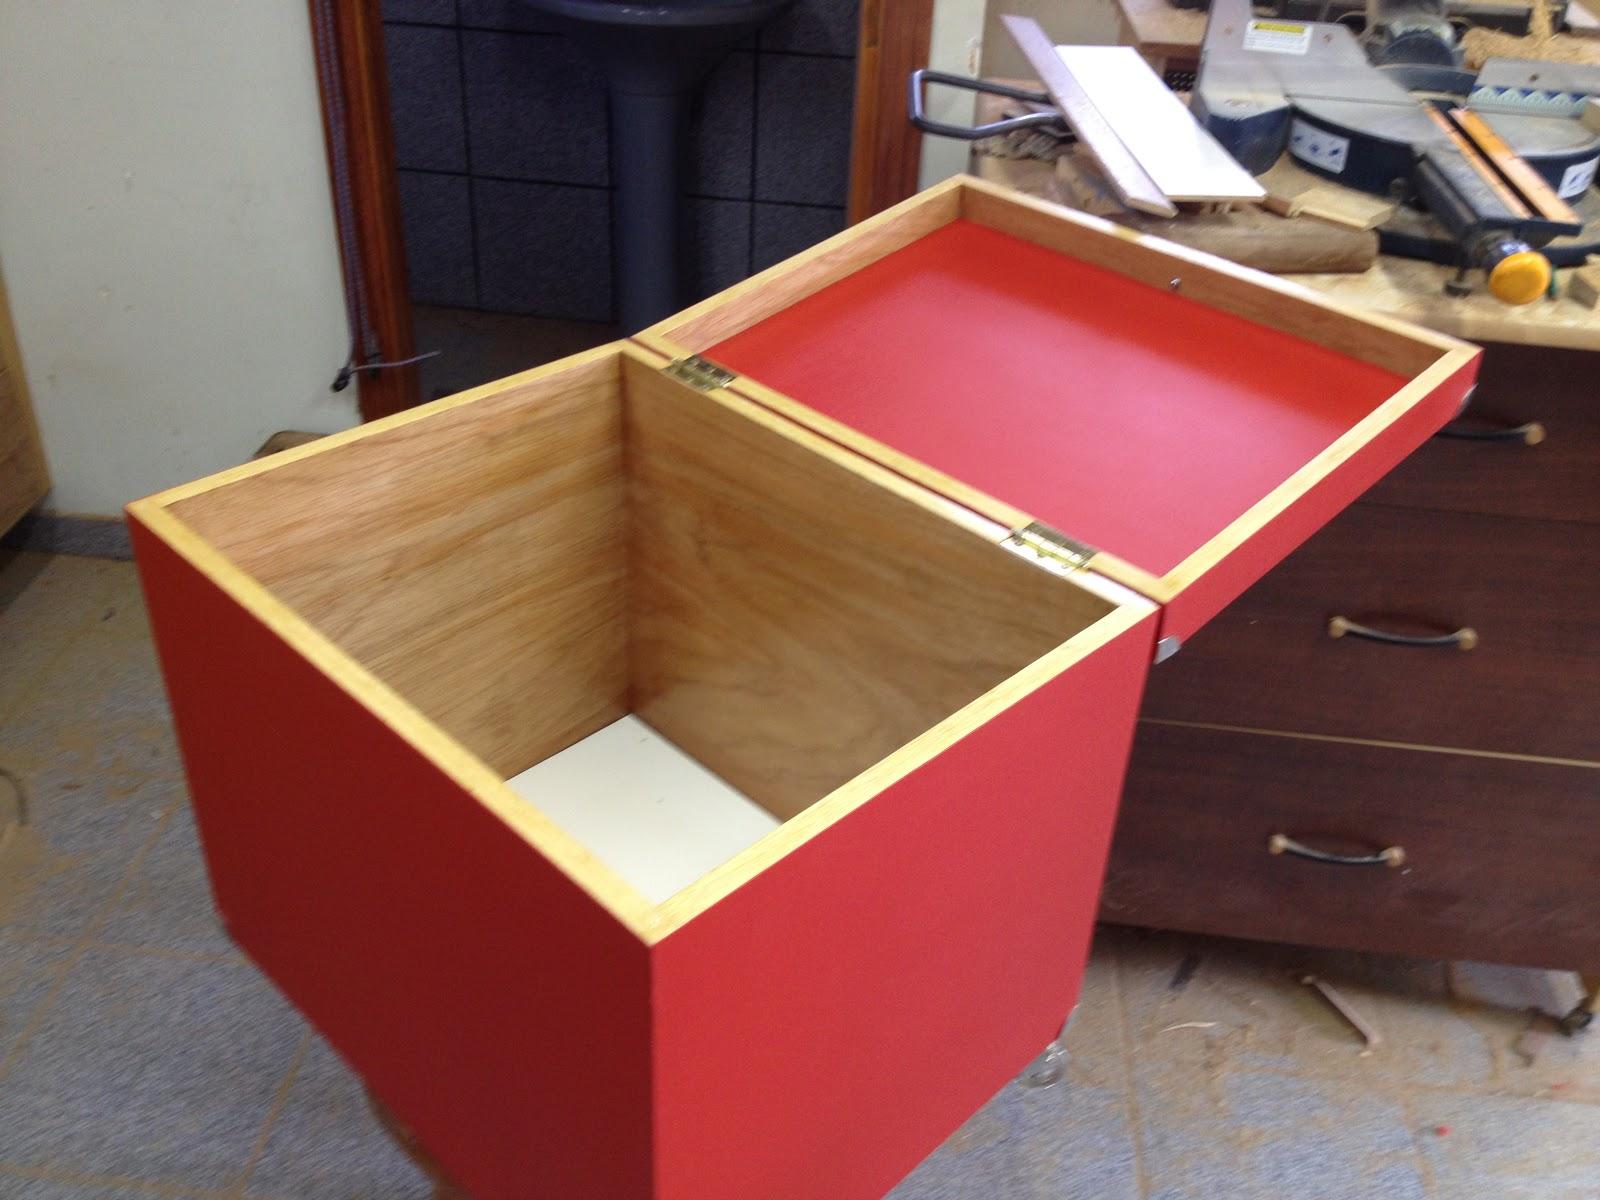 Atelier do Zero: Caixa de madeira para guardar brinquedos #A57F27 1600x1200